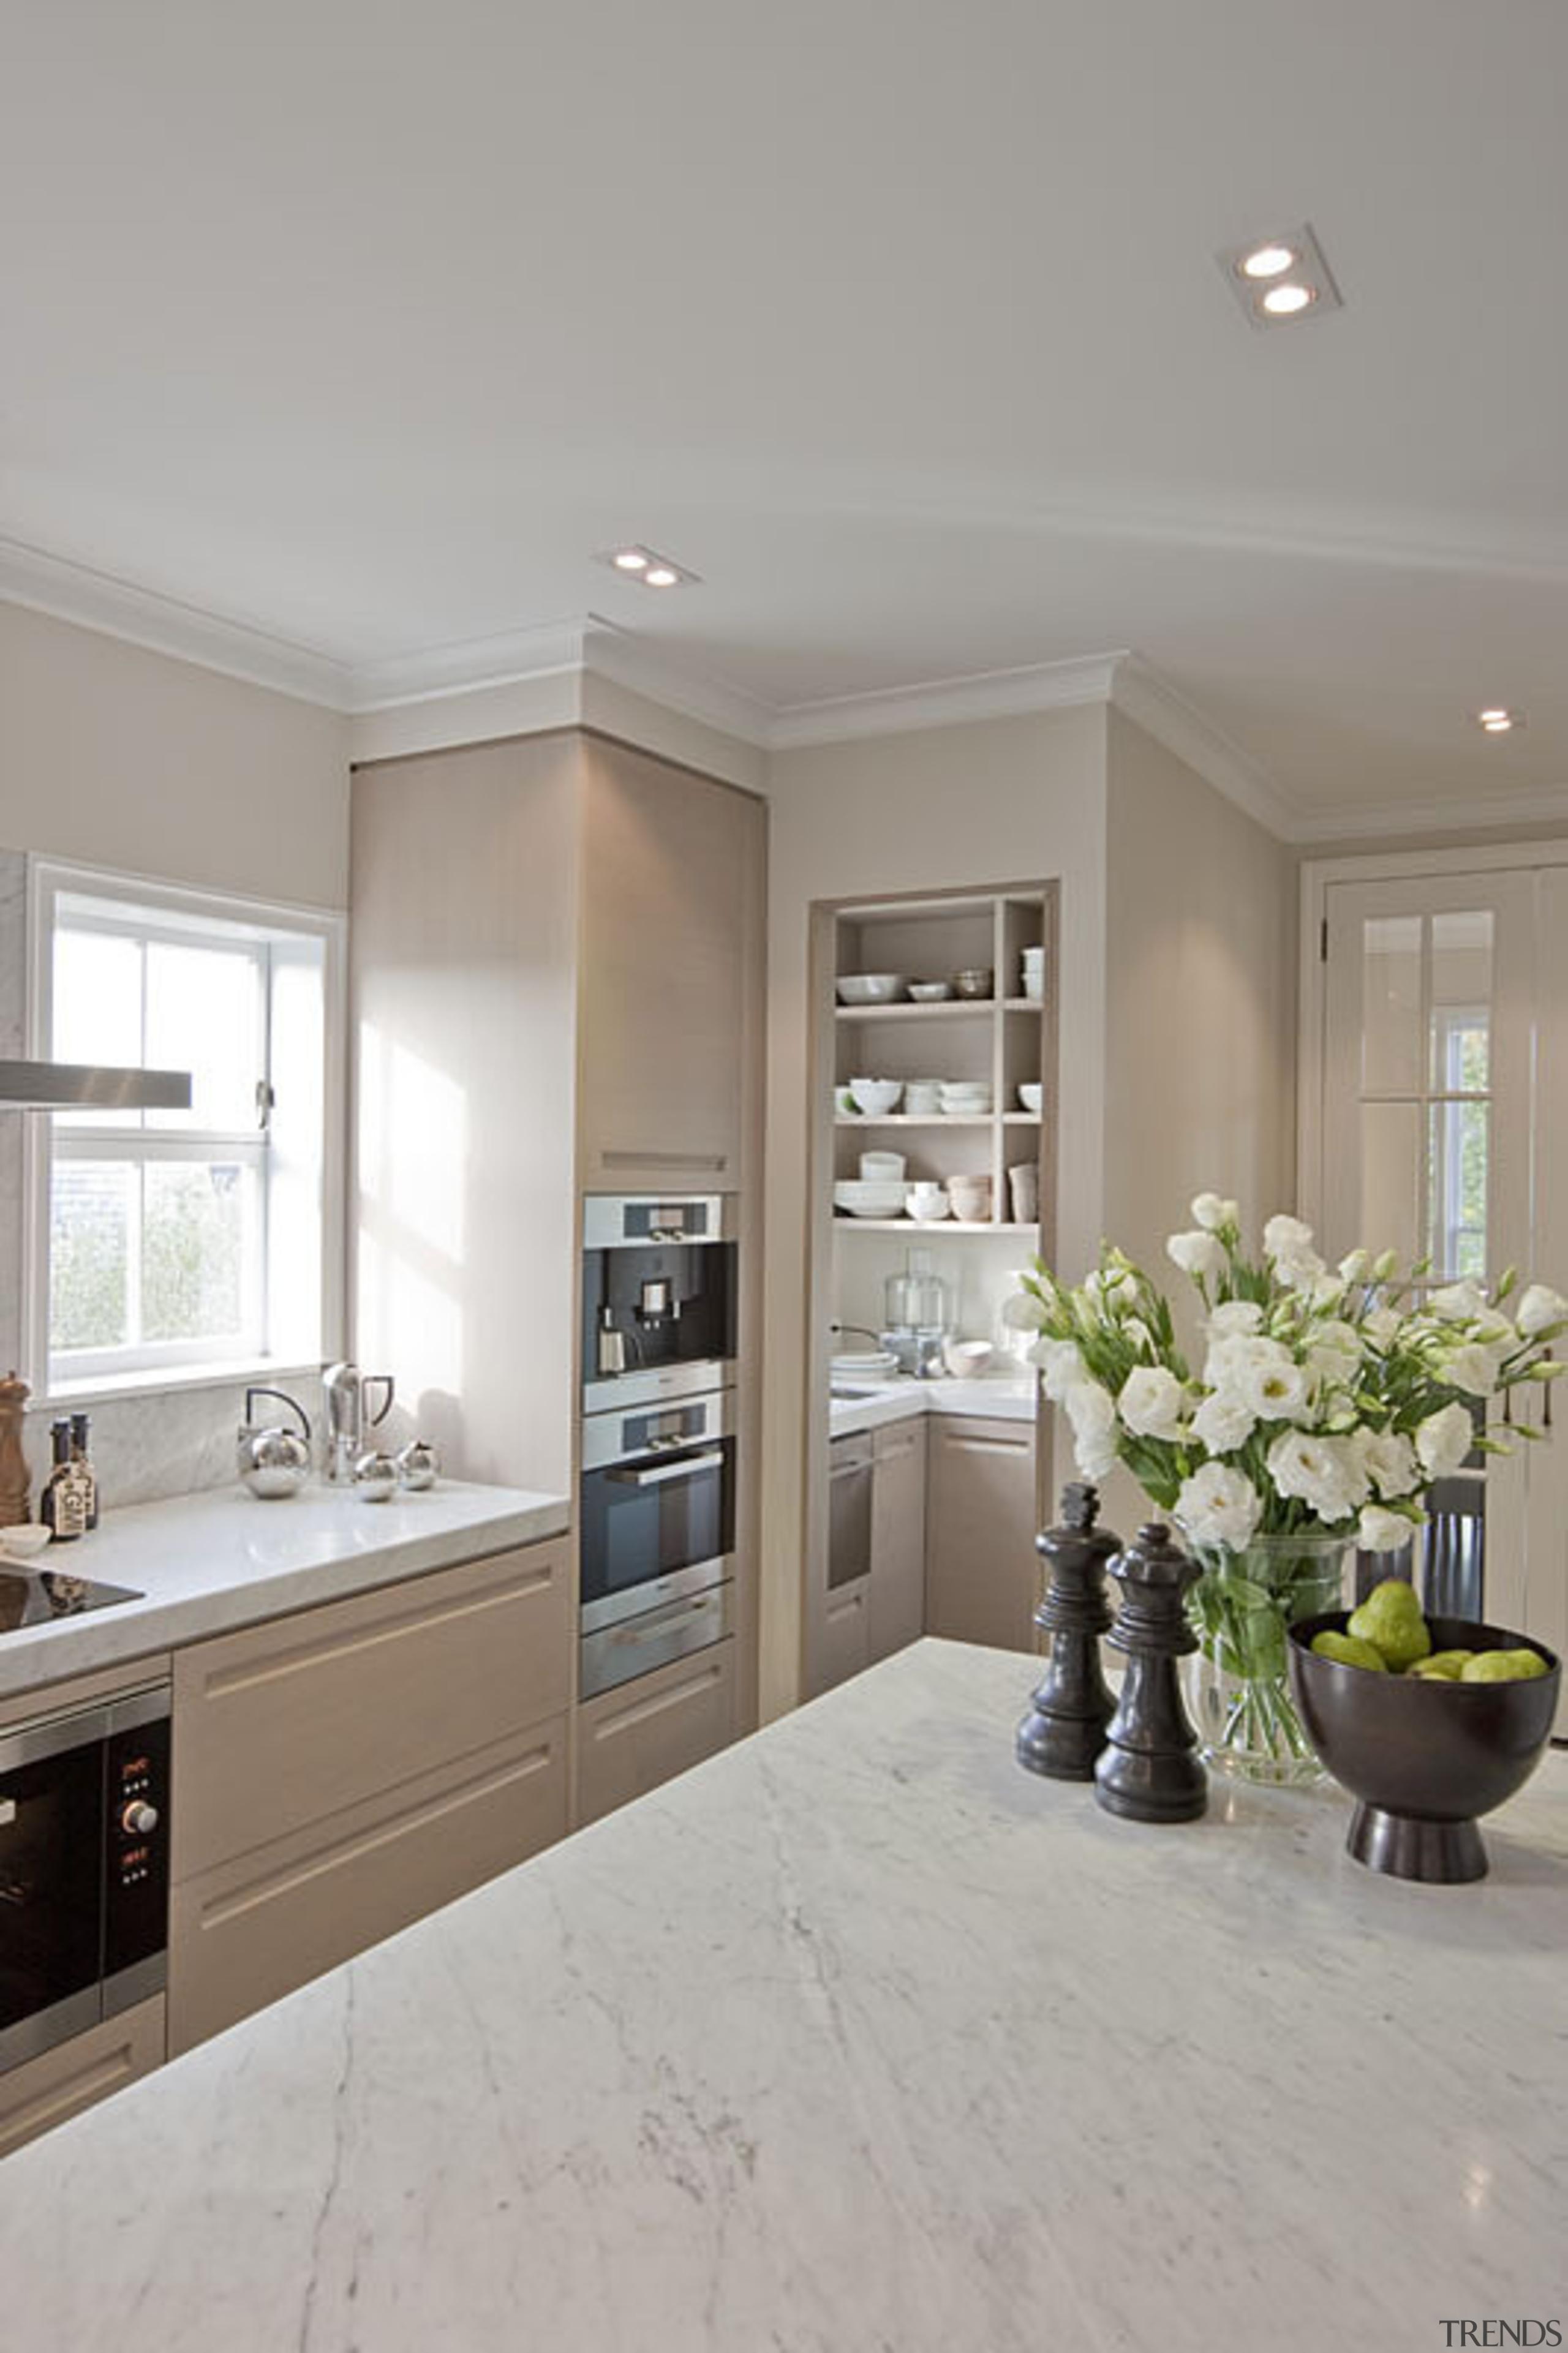 Remuera - countertop | cuisine classique | floor countertop, cuisine classique, floor, flooring, home, interior design, kitchen, real estate, room, window, gray